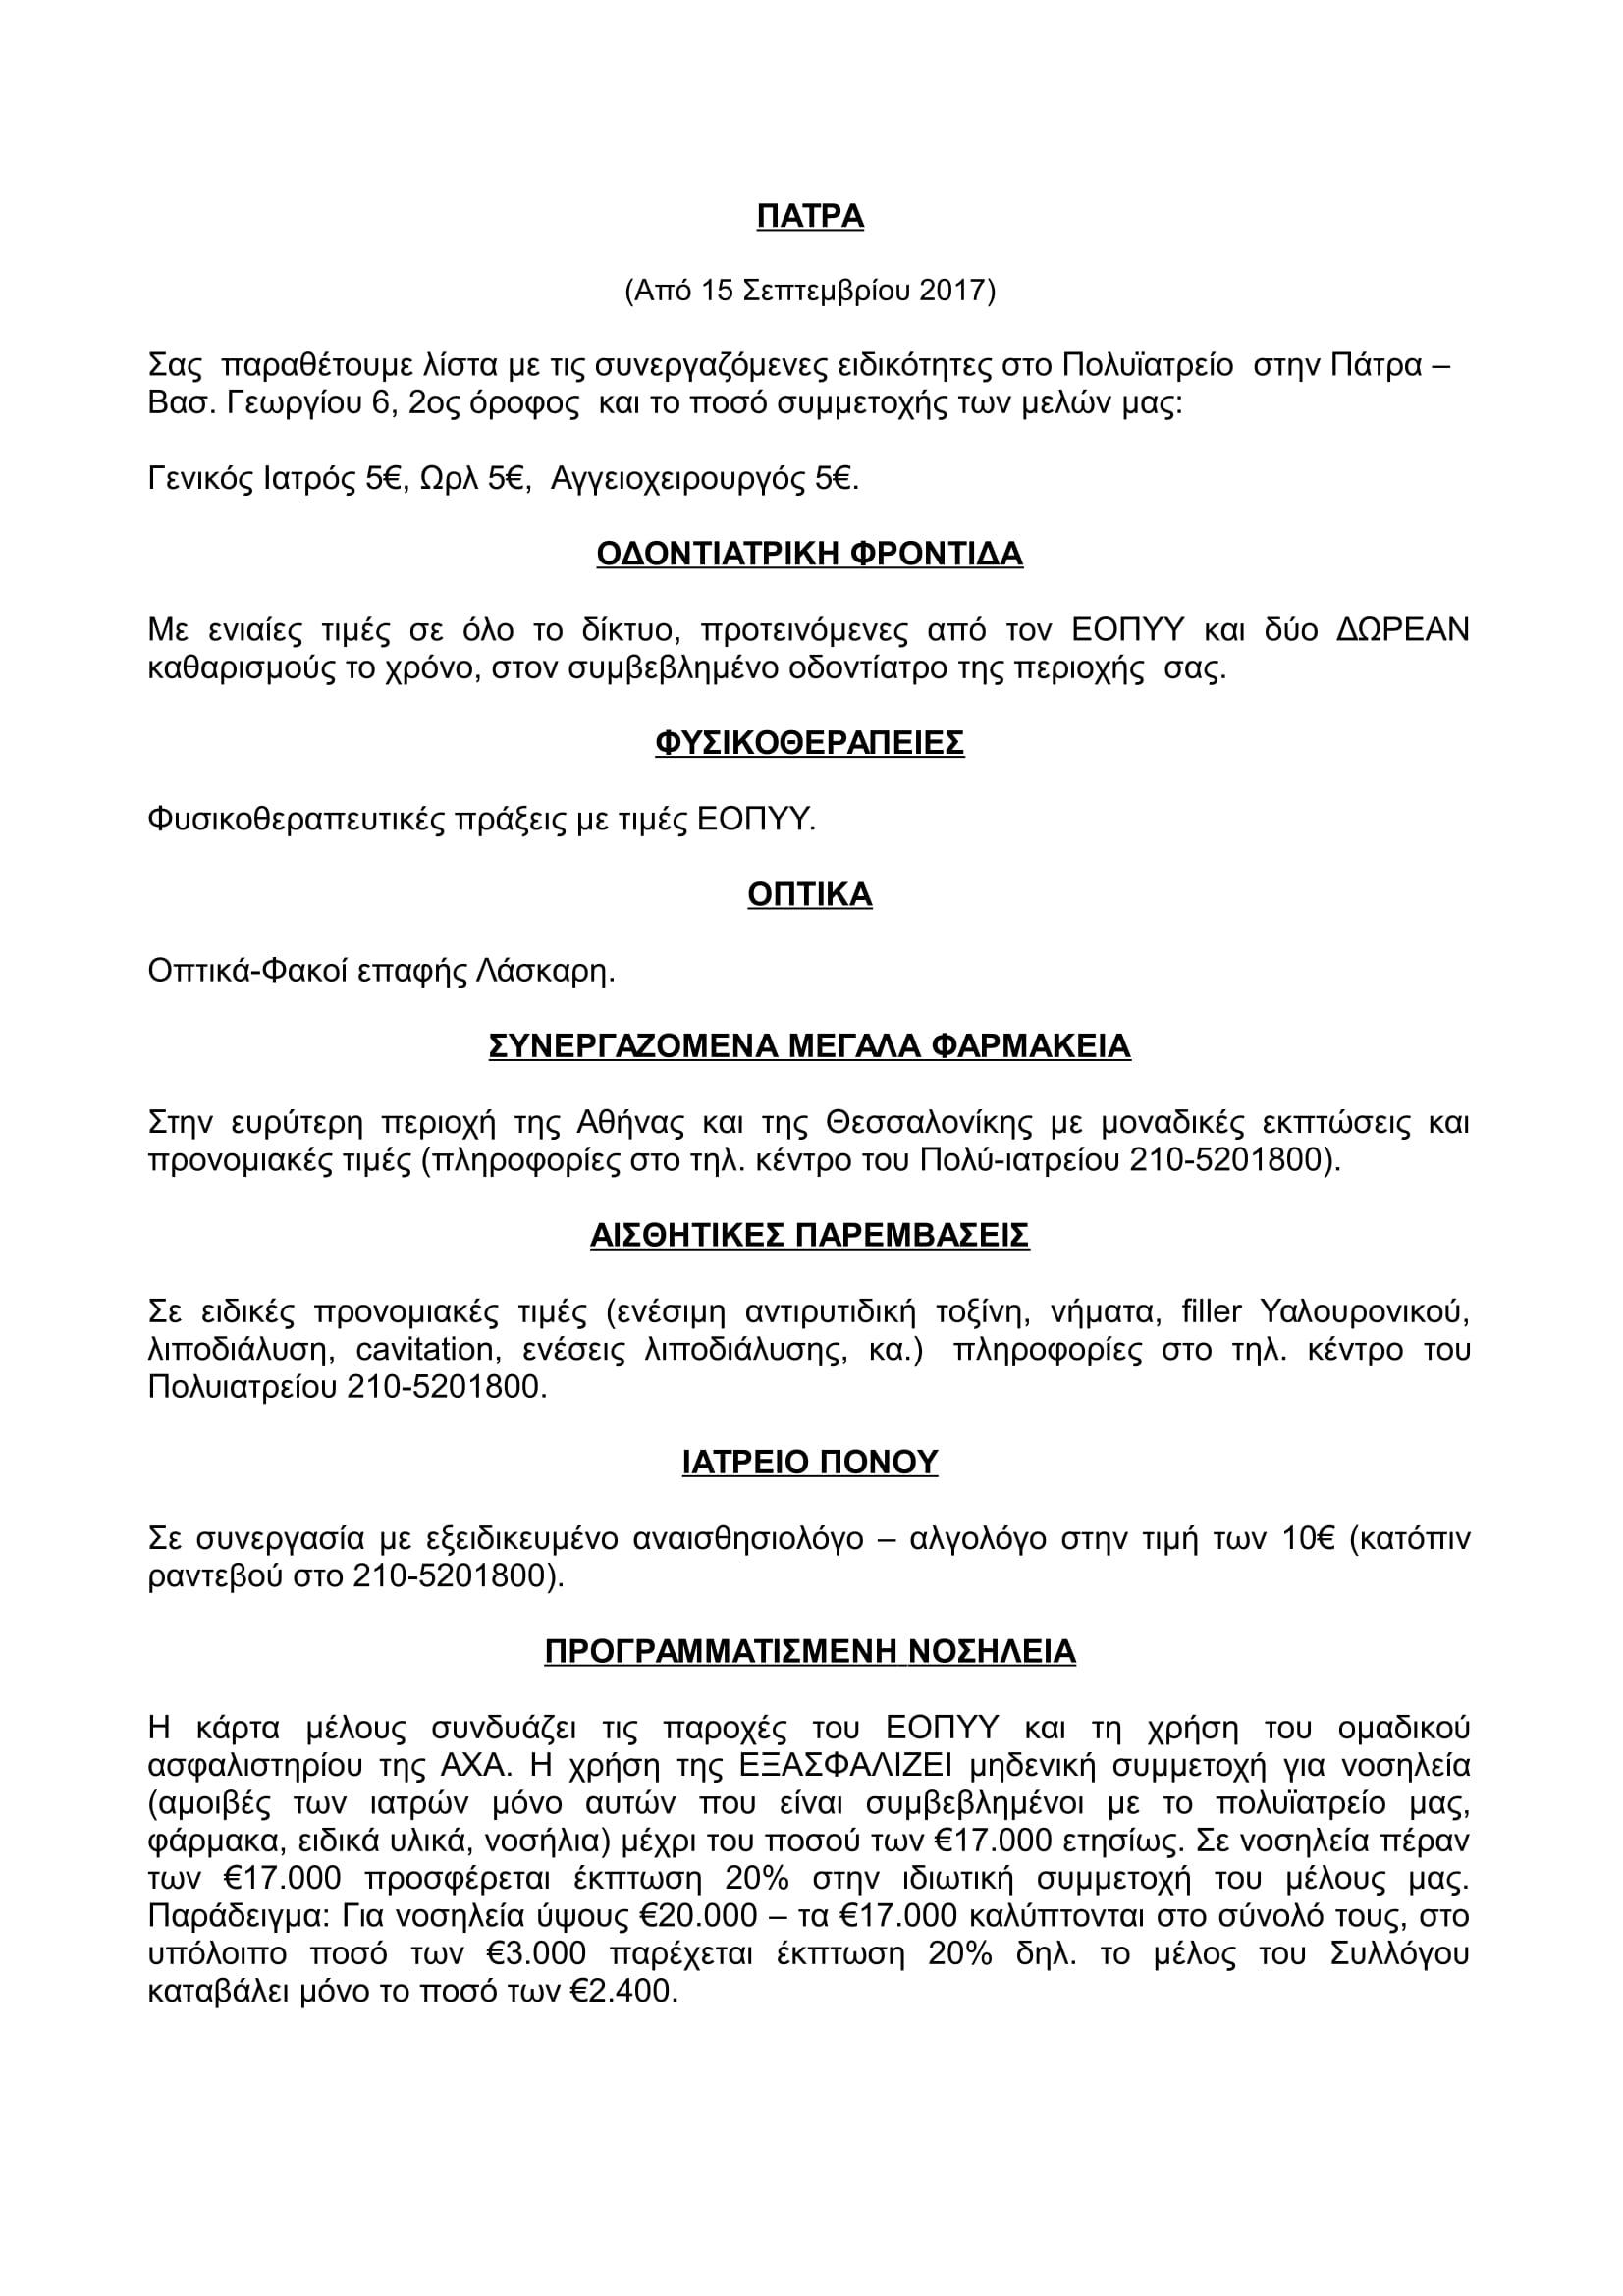 ΑΝΑΝΕΩΜΕΝΟ ΣΗΜΑΝΤΙΚΕΣ ΣΥΝΕΡΓΑΣΙΕΣ ΤΕΛΙΚΟ-6